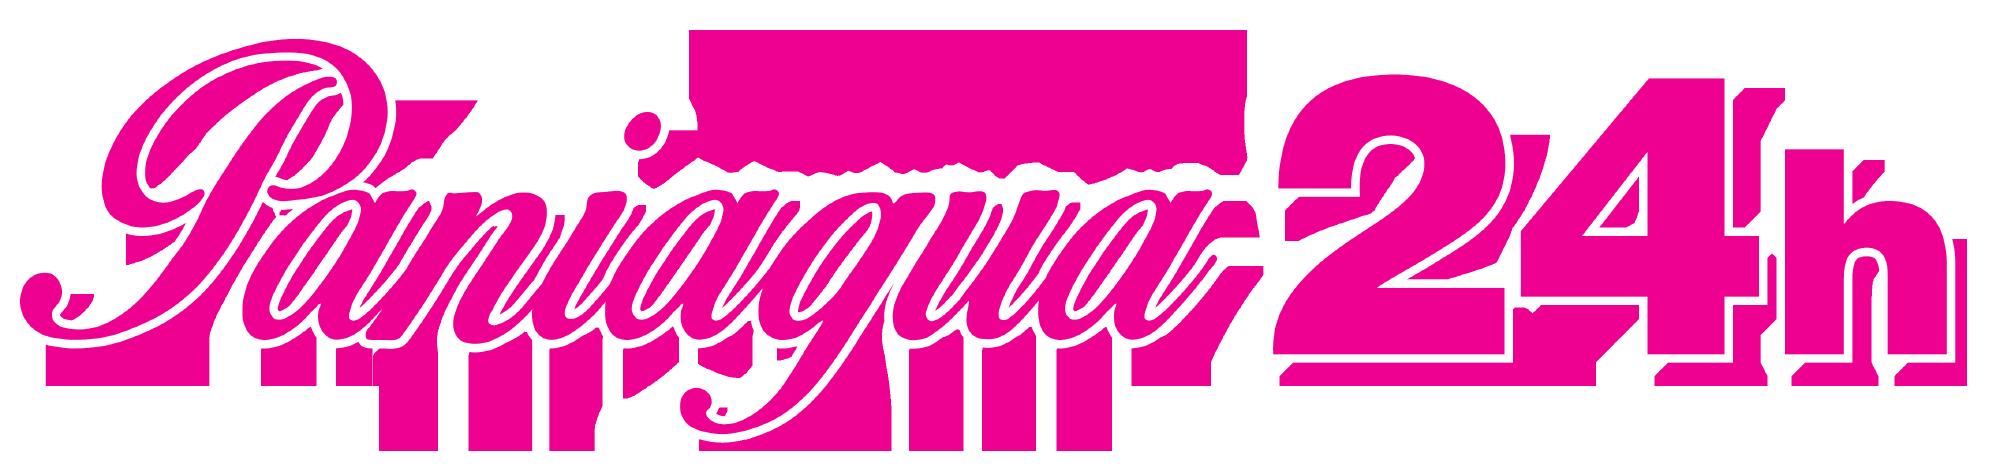 Farmacia Paniagua 24h